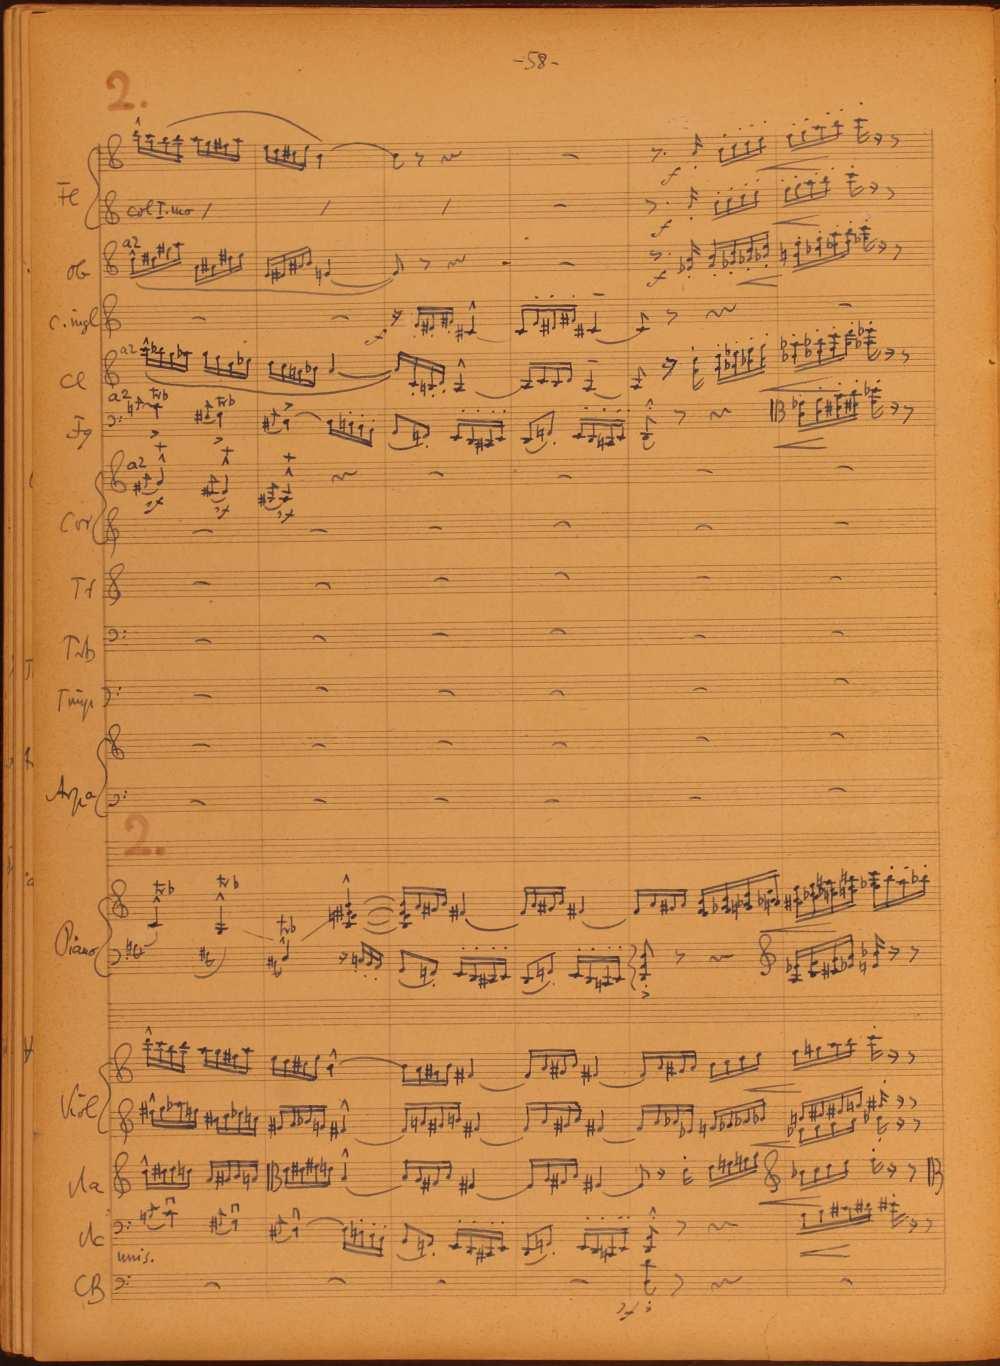 Concertino, zongorára és zenekarra. (1953-1956). Részlet a harmadik, Vivace assai tételből. Szerzői autográf. Jelzet: Ms. Mus. 4.289. – Zeneműtár. A tétel meghallgatható: https://www.youtube.com/watch?v=0qguevkjURU